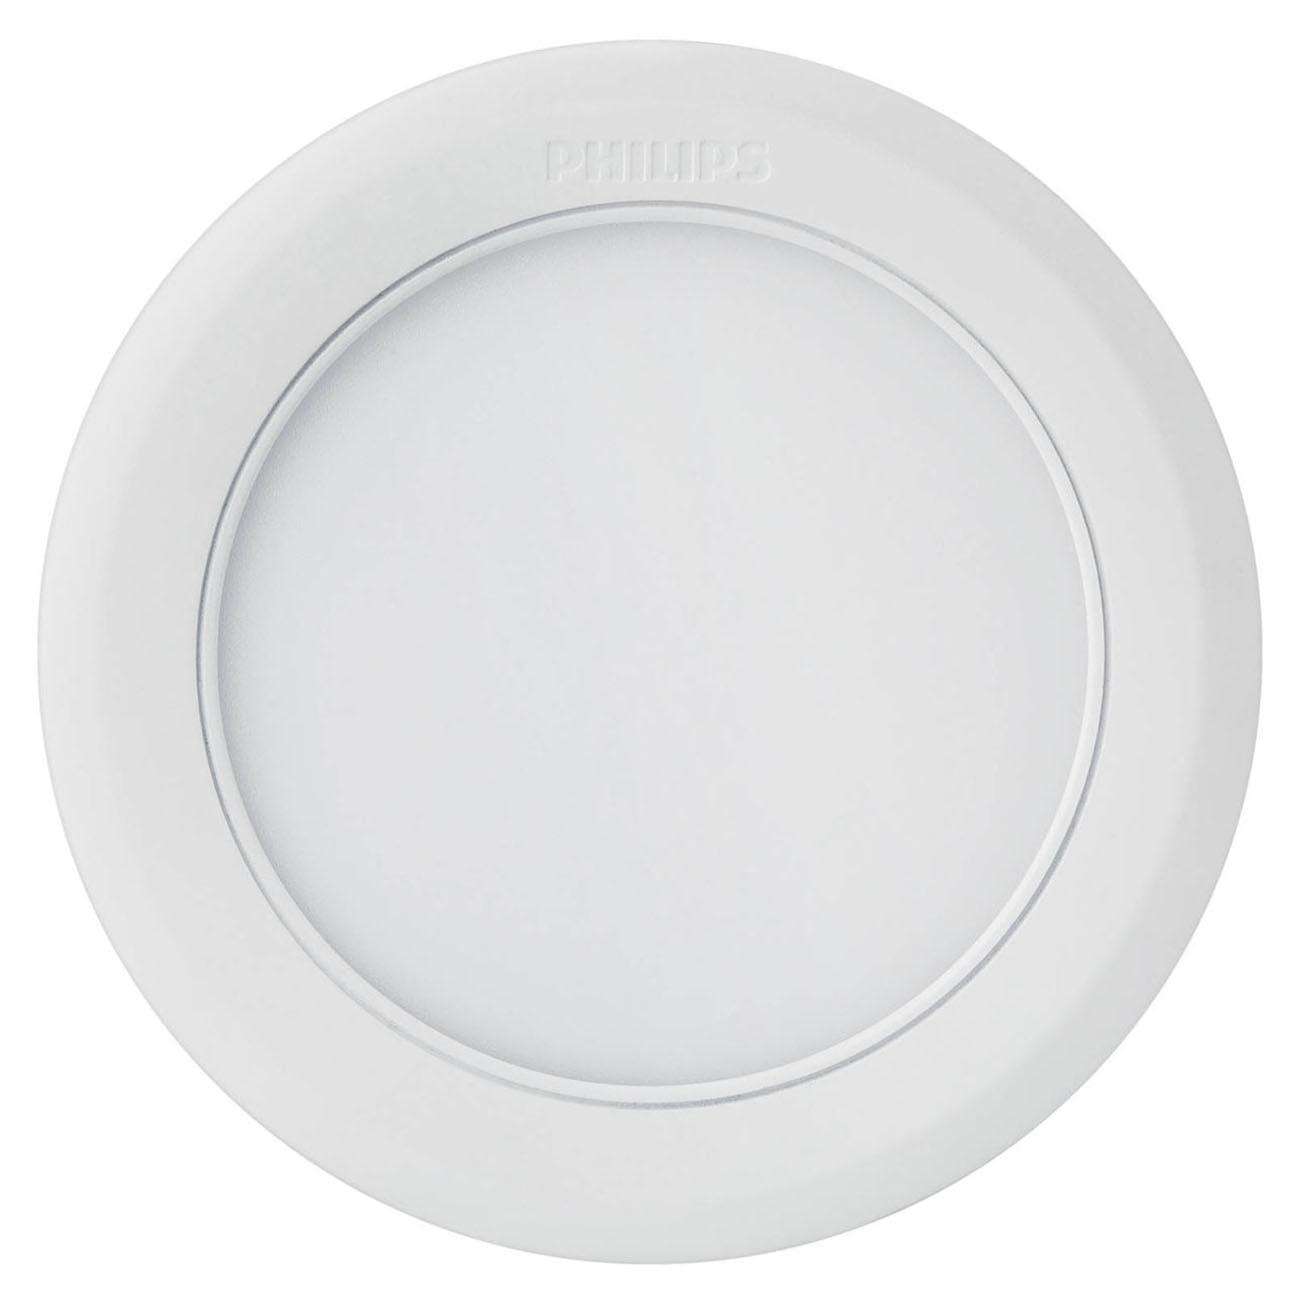 Fotografie Spot LED incastrat Philips Marcasite, 9W (63W), 860 lm, lumina alba calda